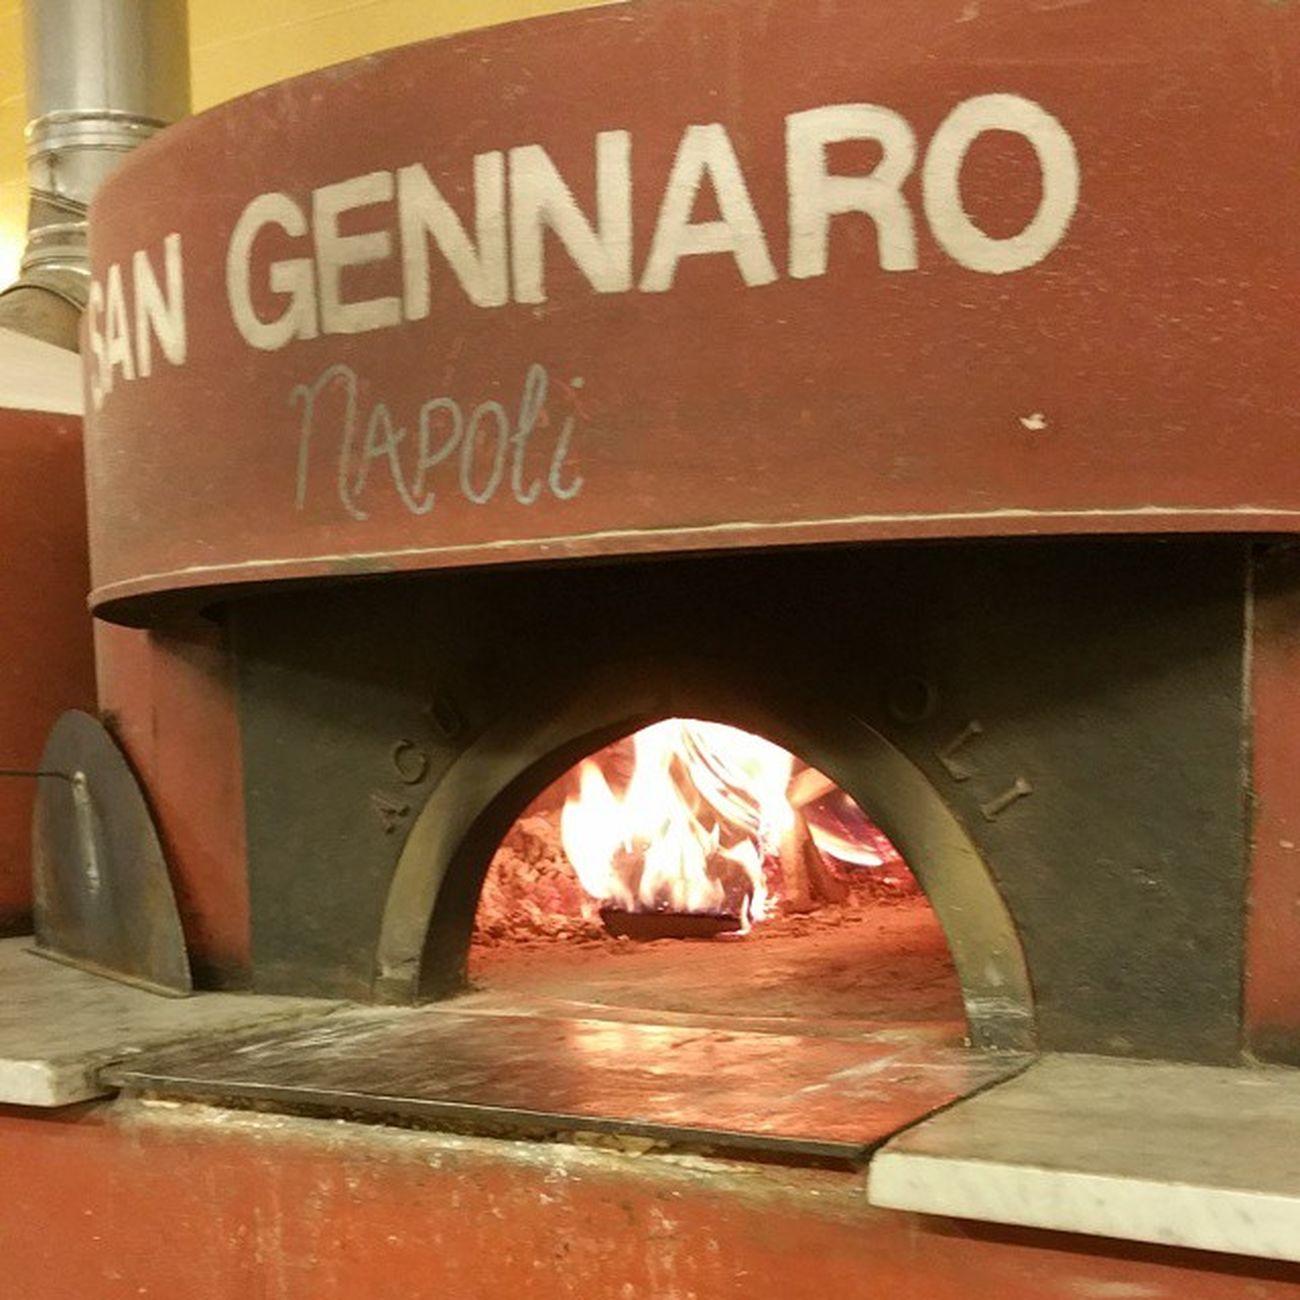 Our ovens on fire. Desanonashville DeSano Desanopizza